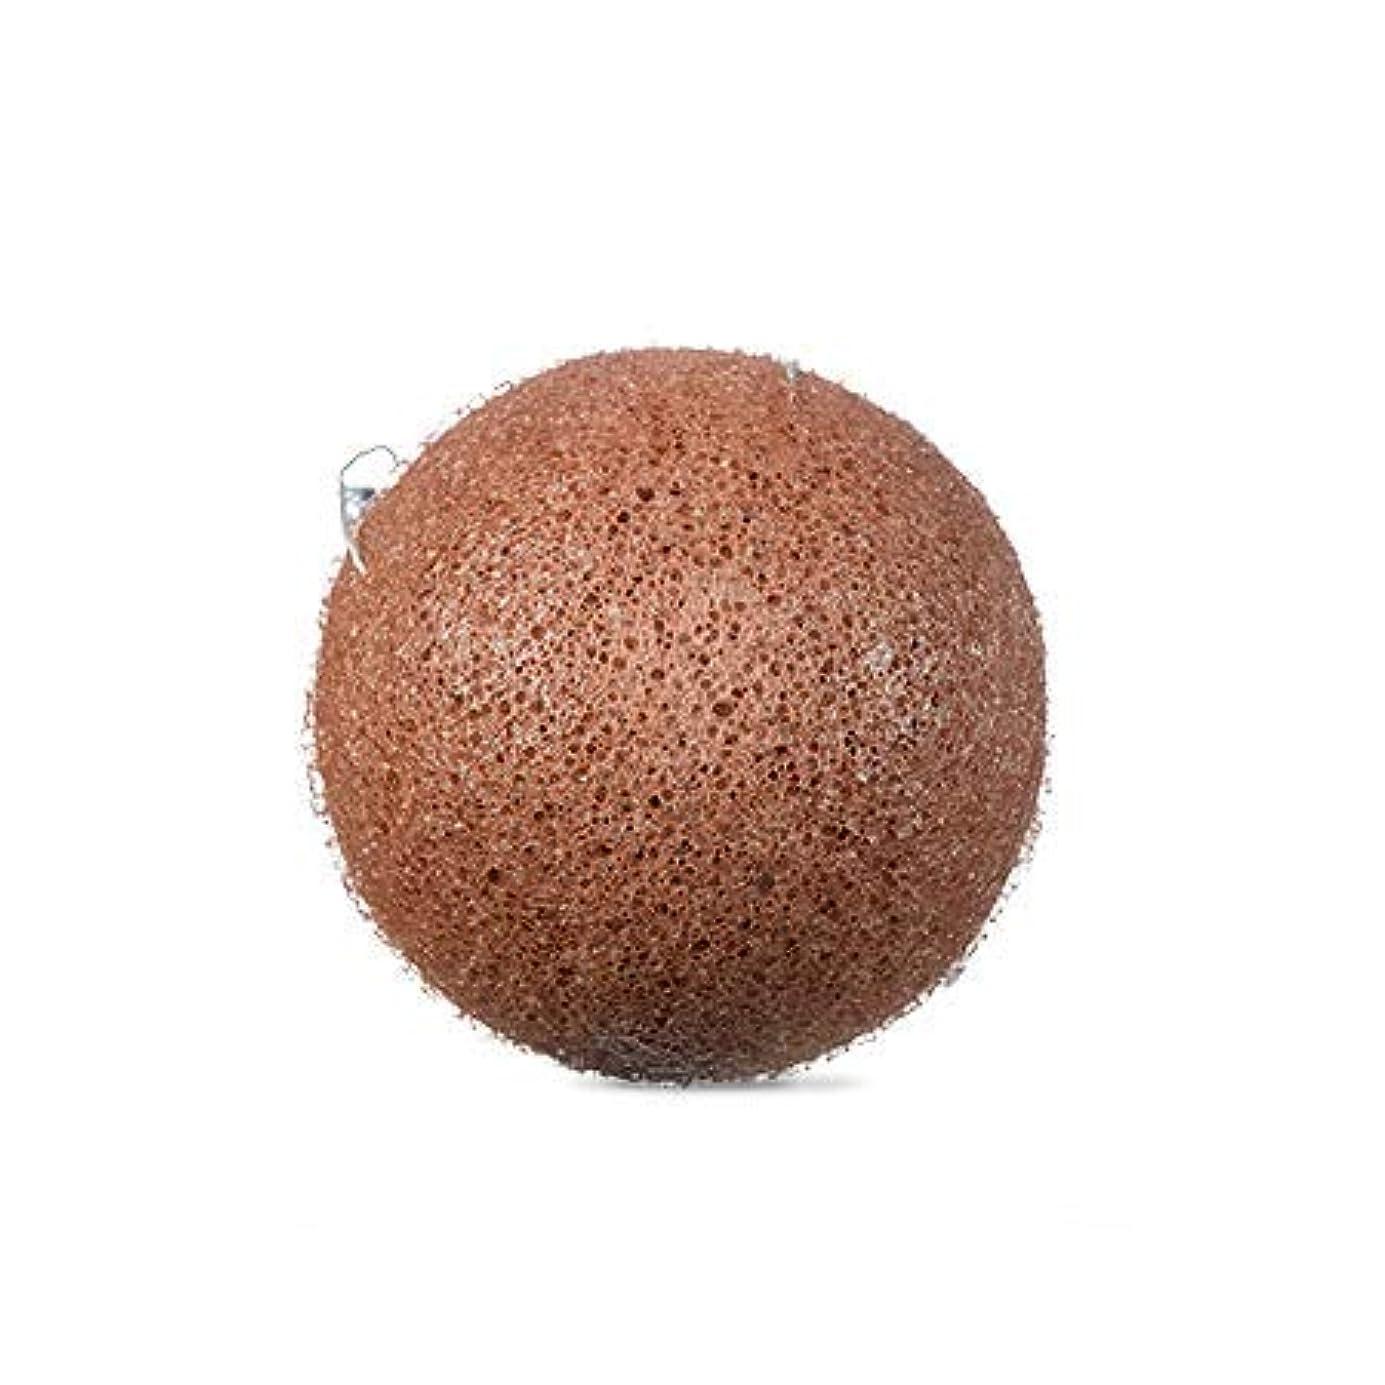 ナイトスポット真実エイズ[イニスフリー.innisfree]火山集りこんにゃくクレンジングスポンジ(2ea)/ Volcanic Konjac Cleansing Sponge